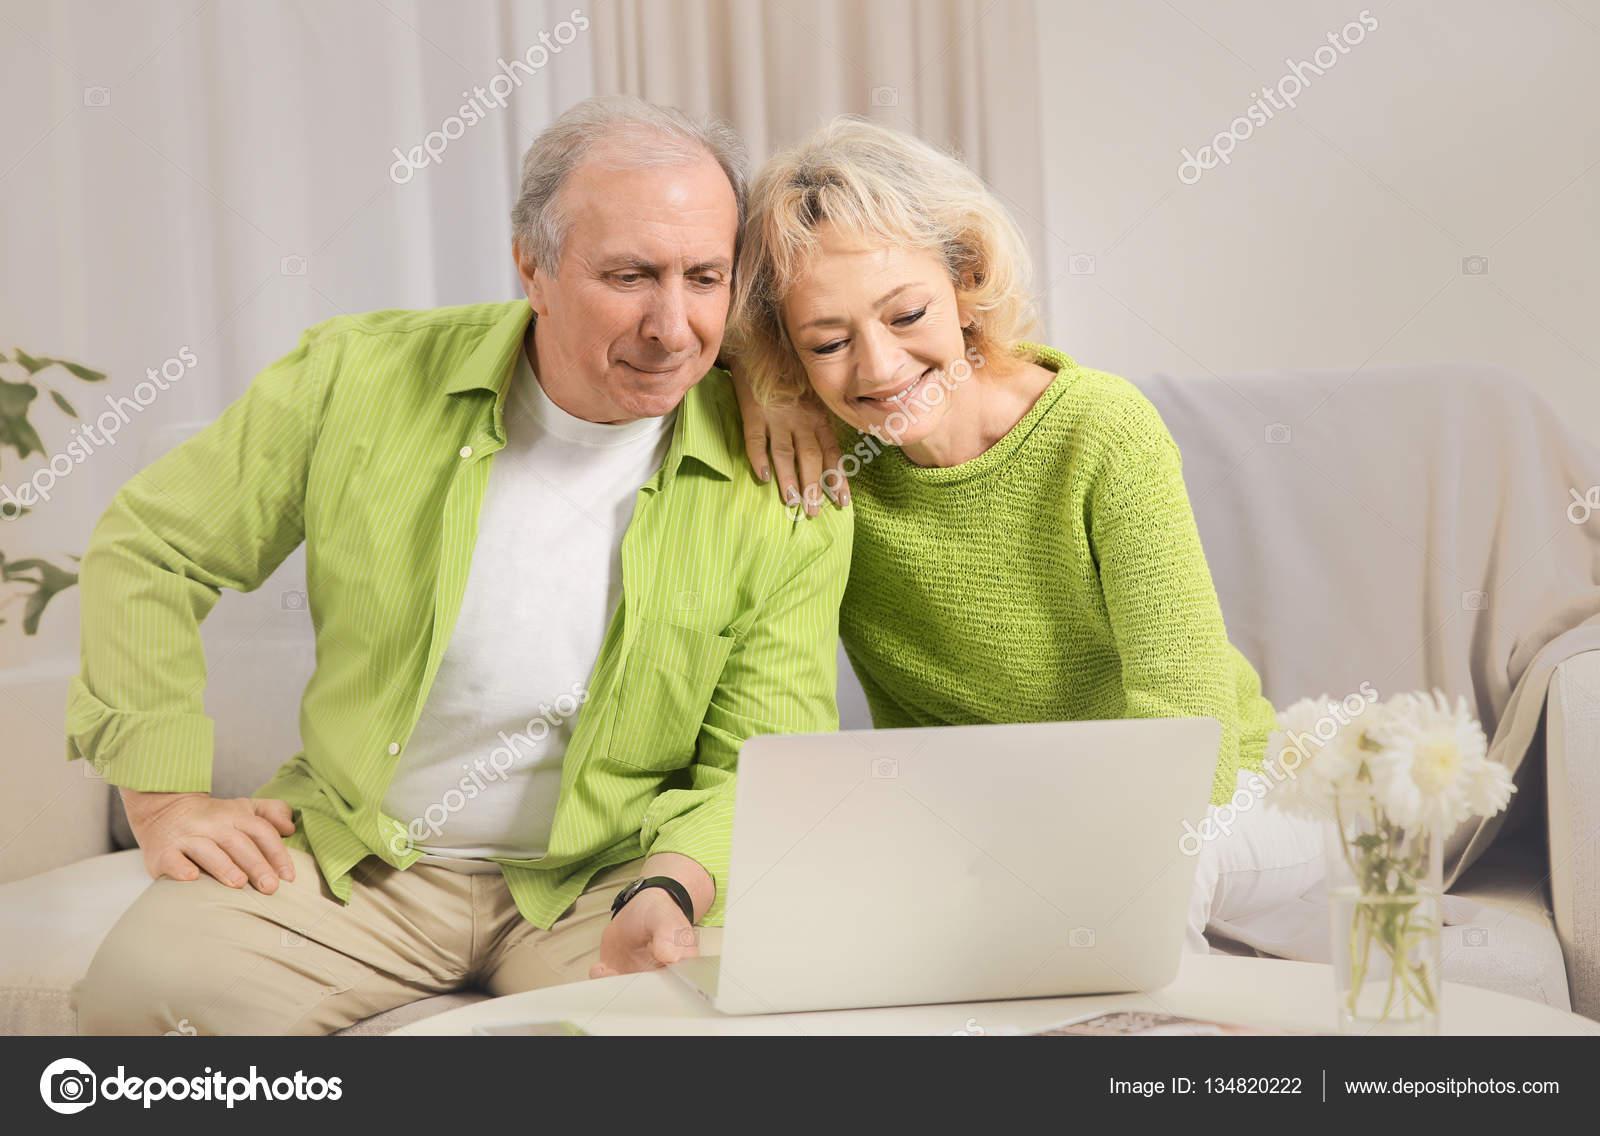 Супружеские пары по вызову фото 261-676